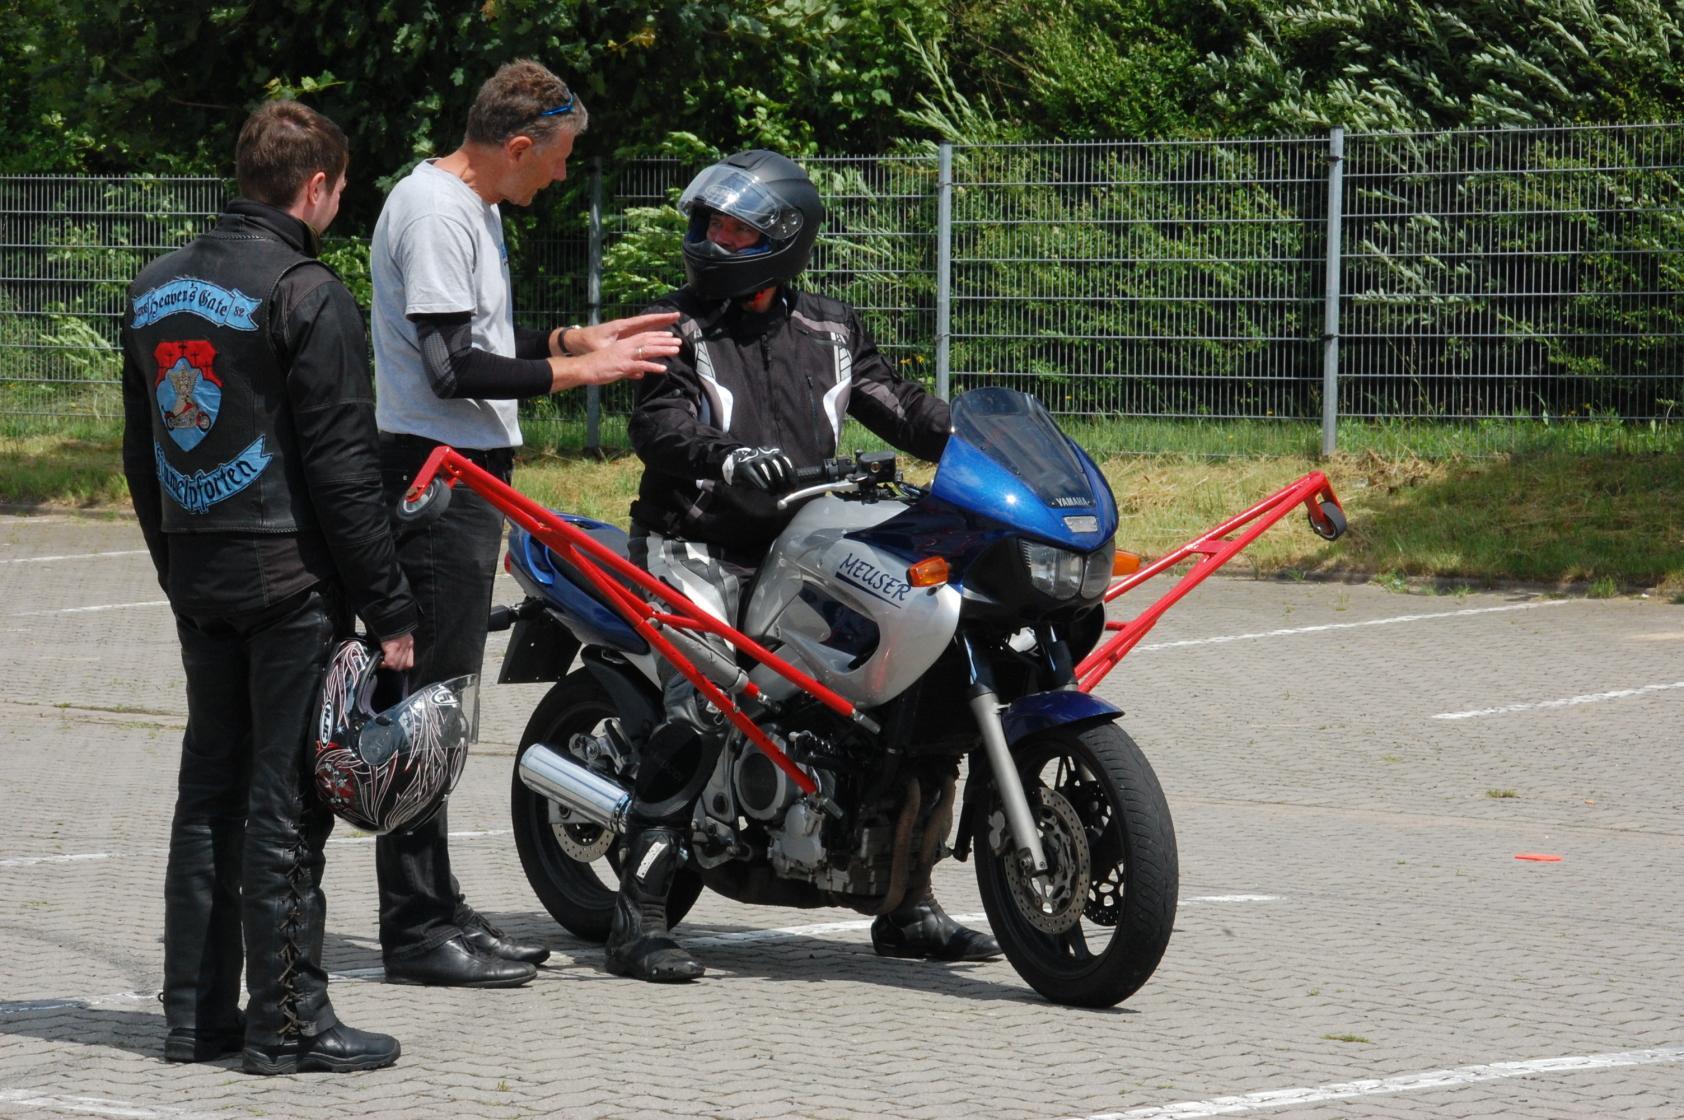 Motorrad-Sicherheitstraining-Schraeglagentraining-Buxtehude-003